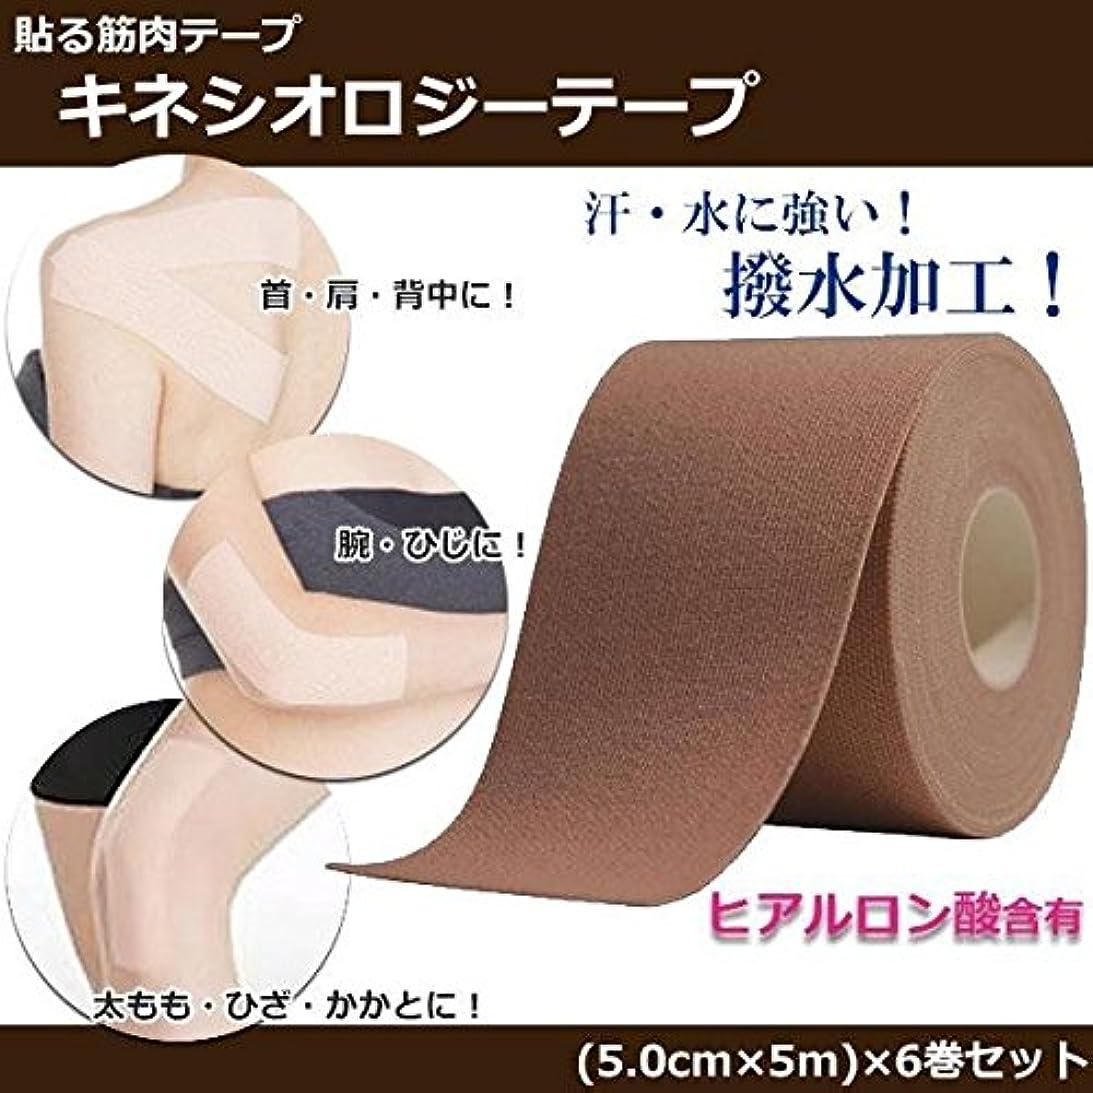 薄い燃料診療所貼る筋肉テープ キネシオロジーテープ ヒアルロン酸含有 日本製 6巻セット